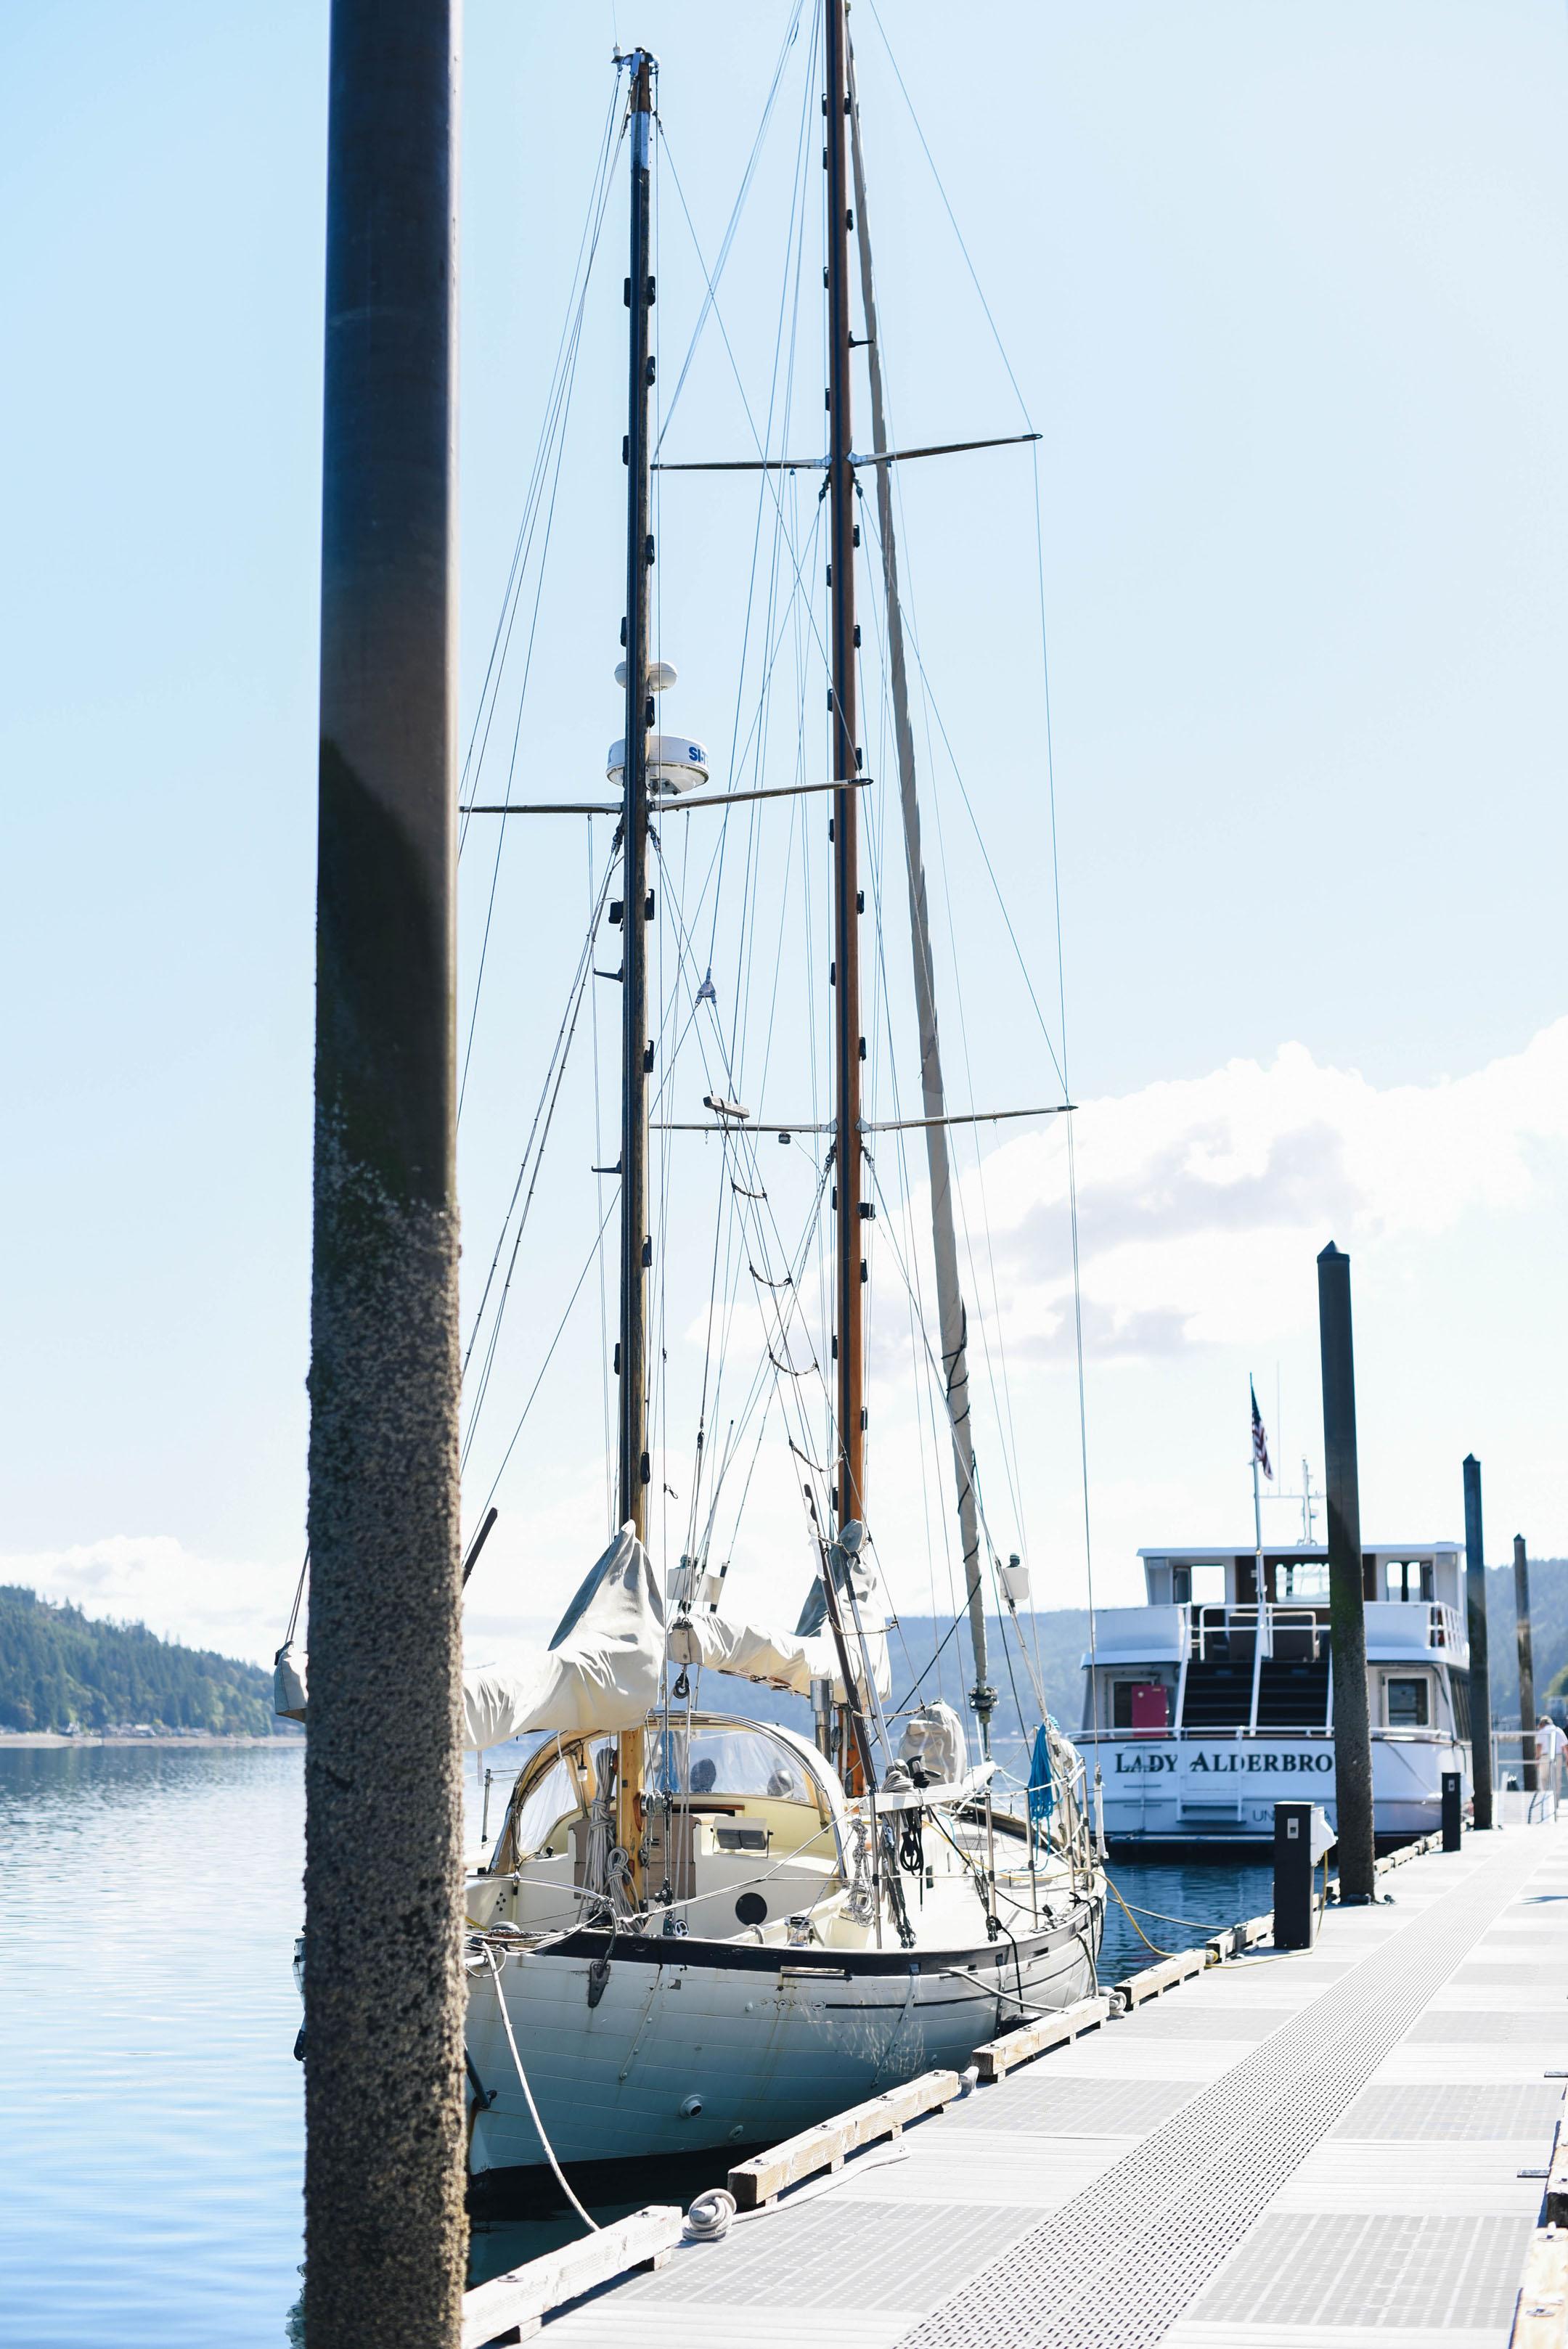 Alderbrook resort dock